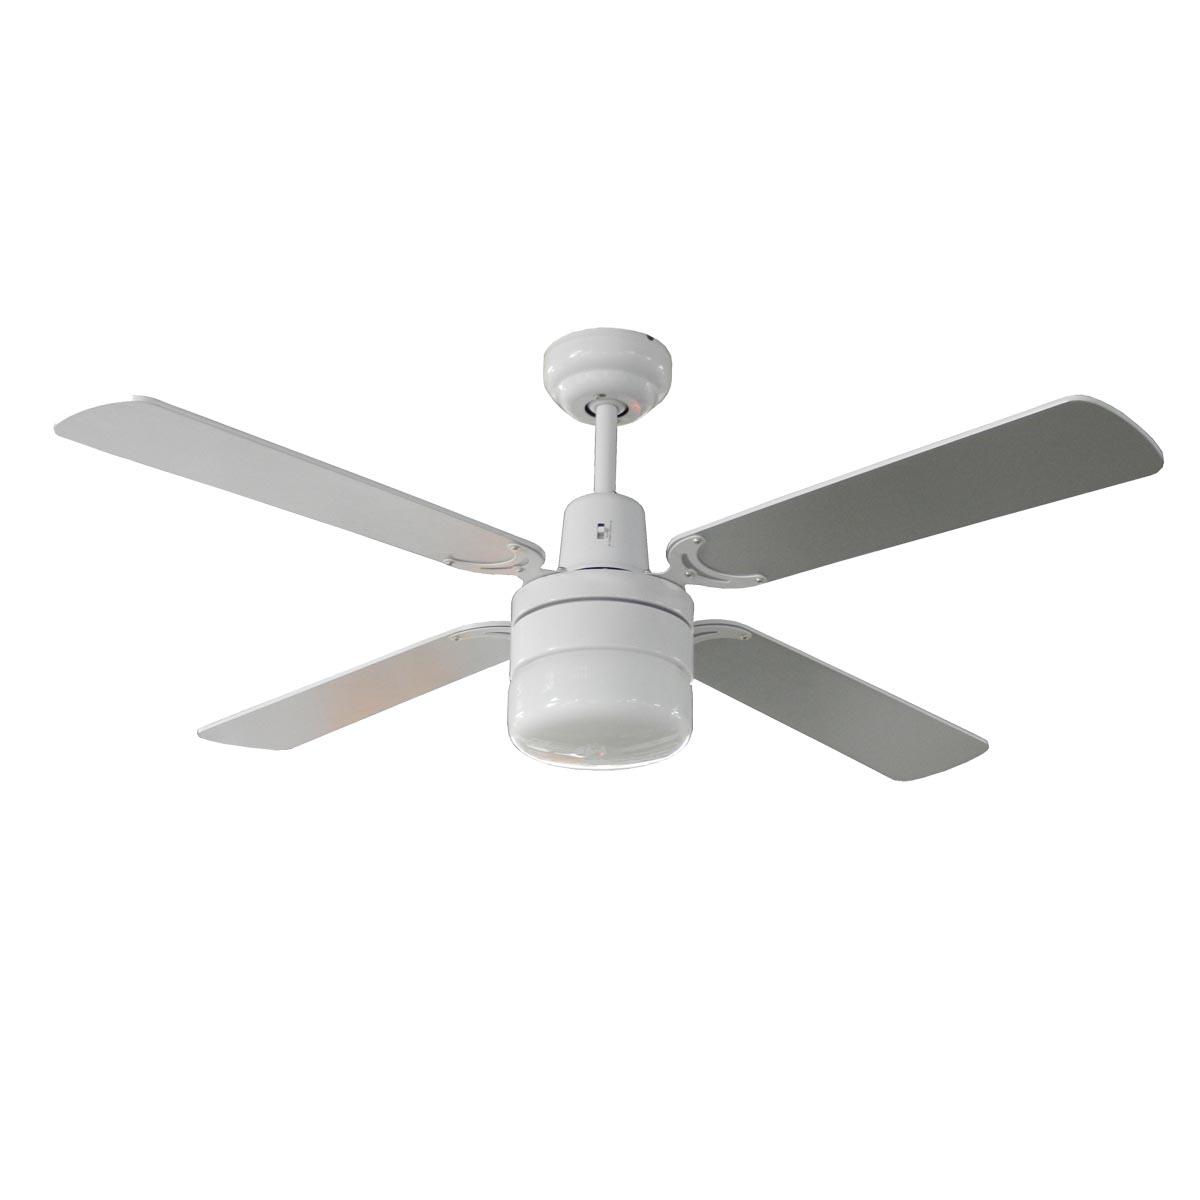 Tash 48 Mdf Light White Fan Tash Ceiling Fan Specials